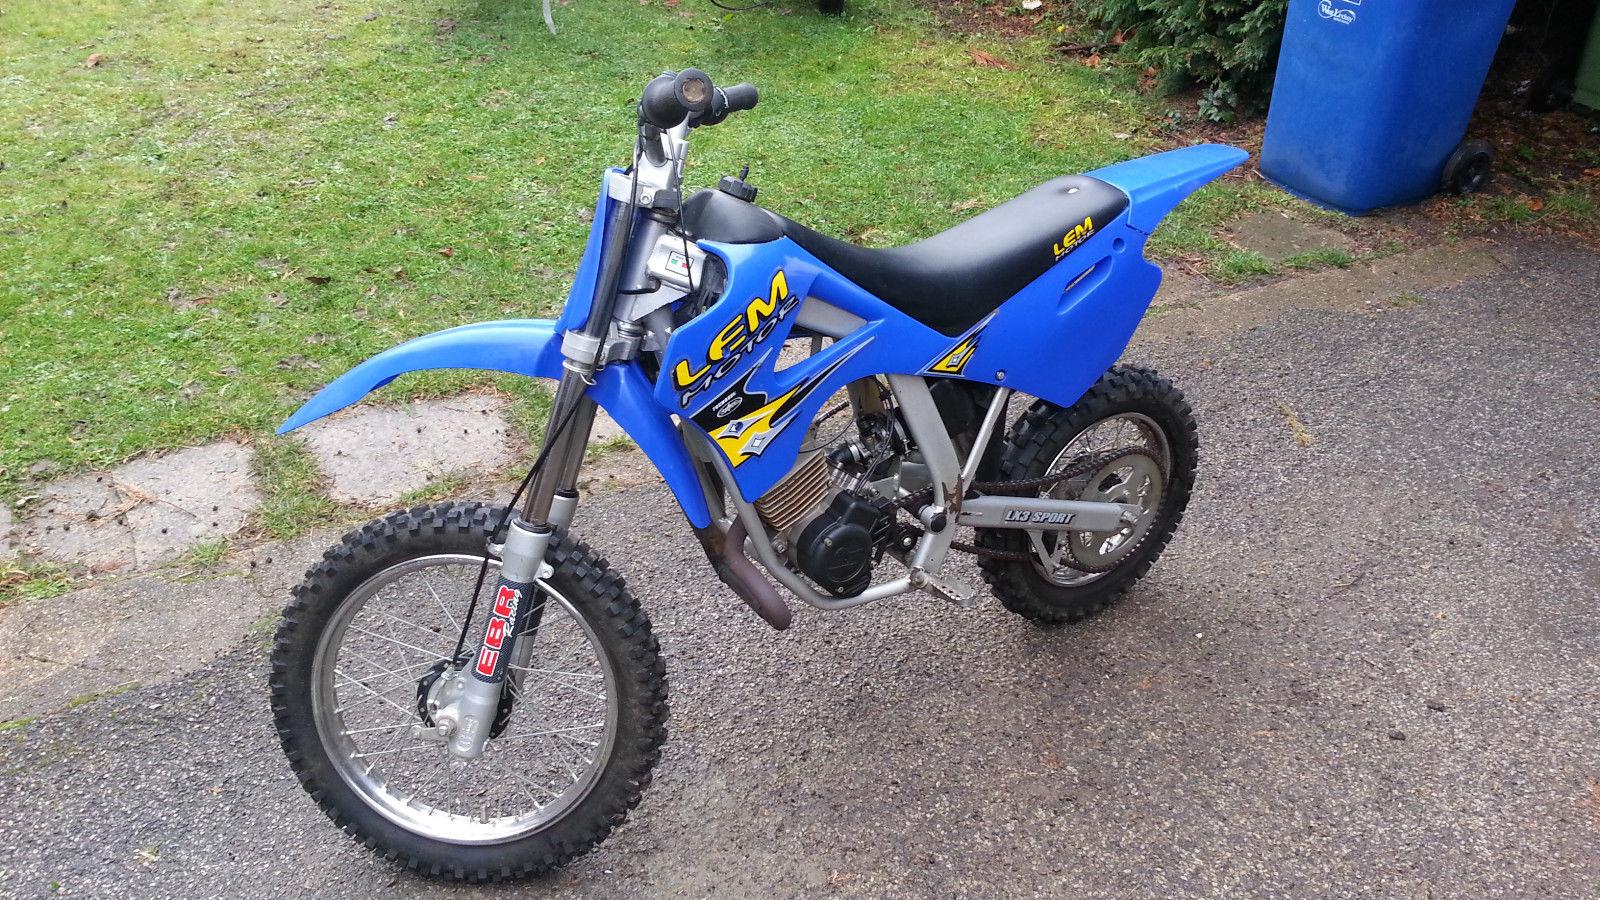 LEM LX3 50 cc automatic kids moto x not ktm husky